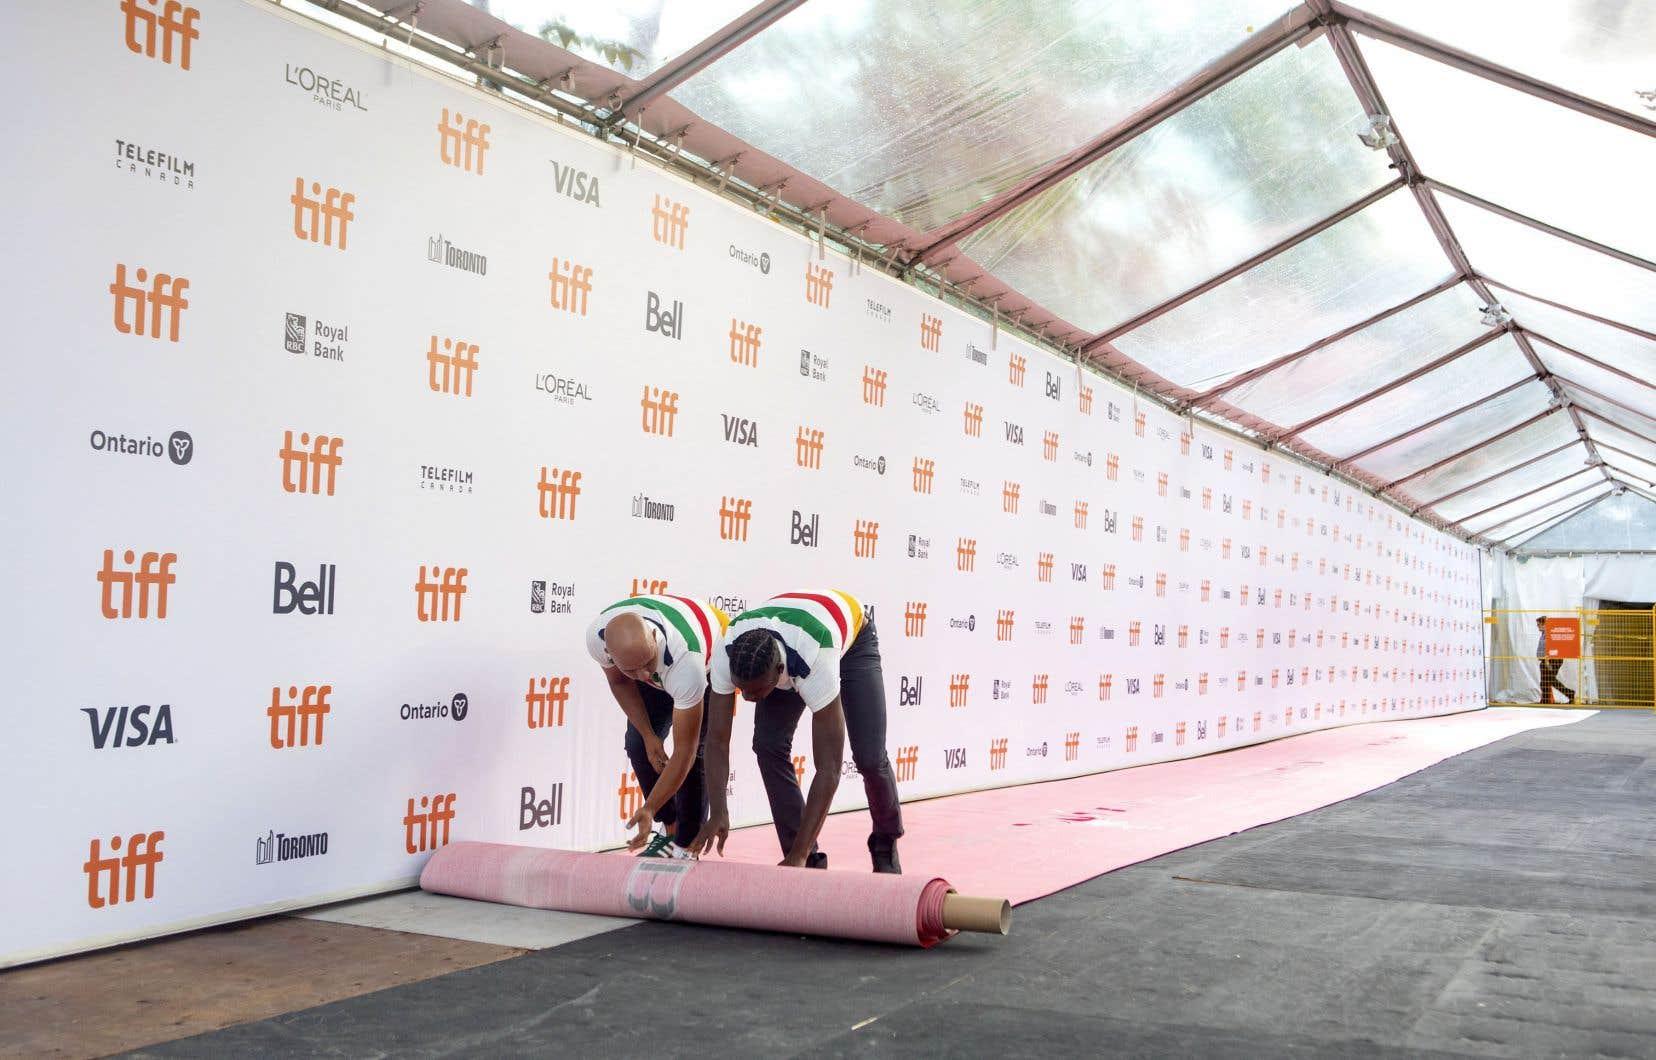 Meryl Streep, Tom Hanks, Daniel Craig, Jennifer Lopez, Russell Crow, Nicolas Cage, Renée Zellweger et Chris Young figurent parmi la longue liste de célébrités qui défileront sur le tapis rouge du Festival international du film de Toronto cette année.